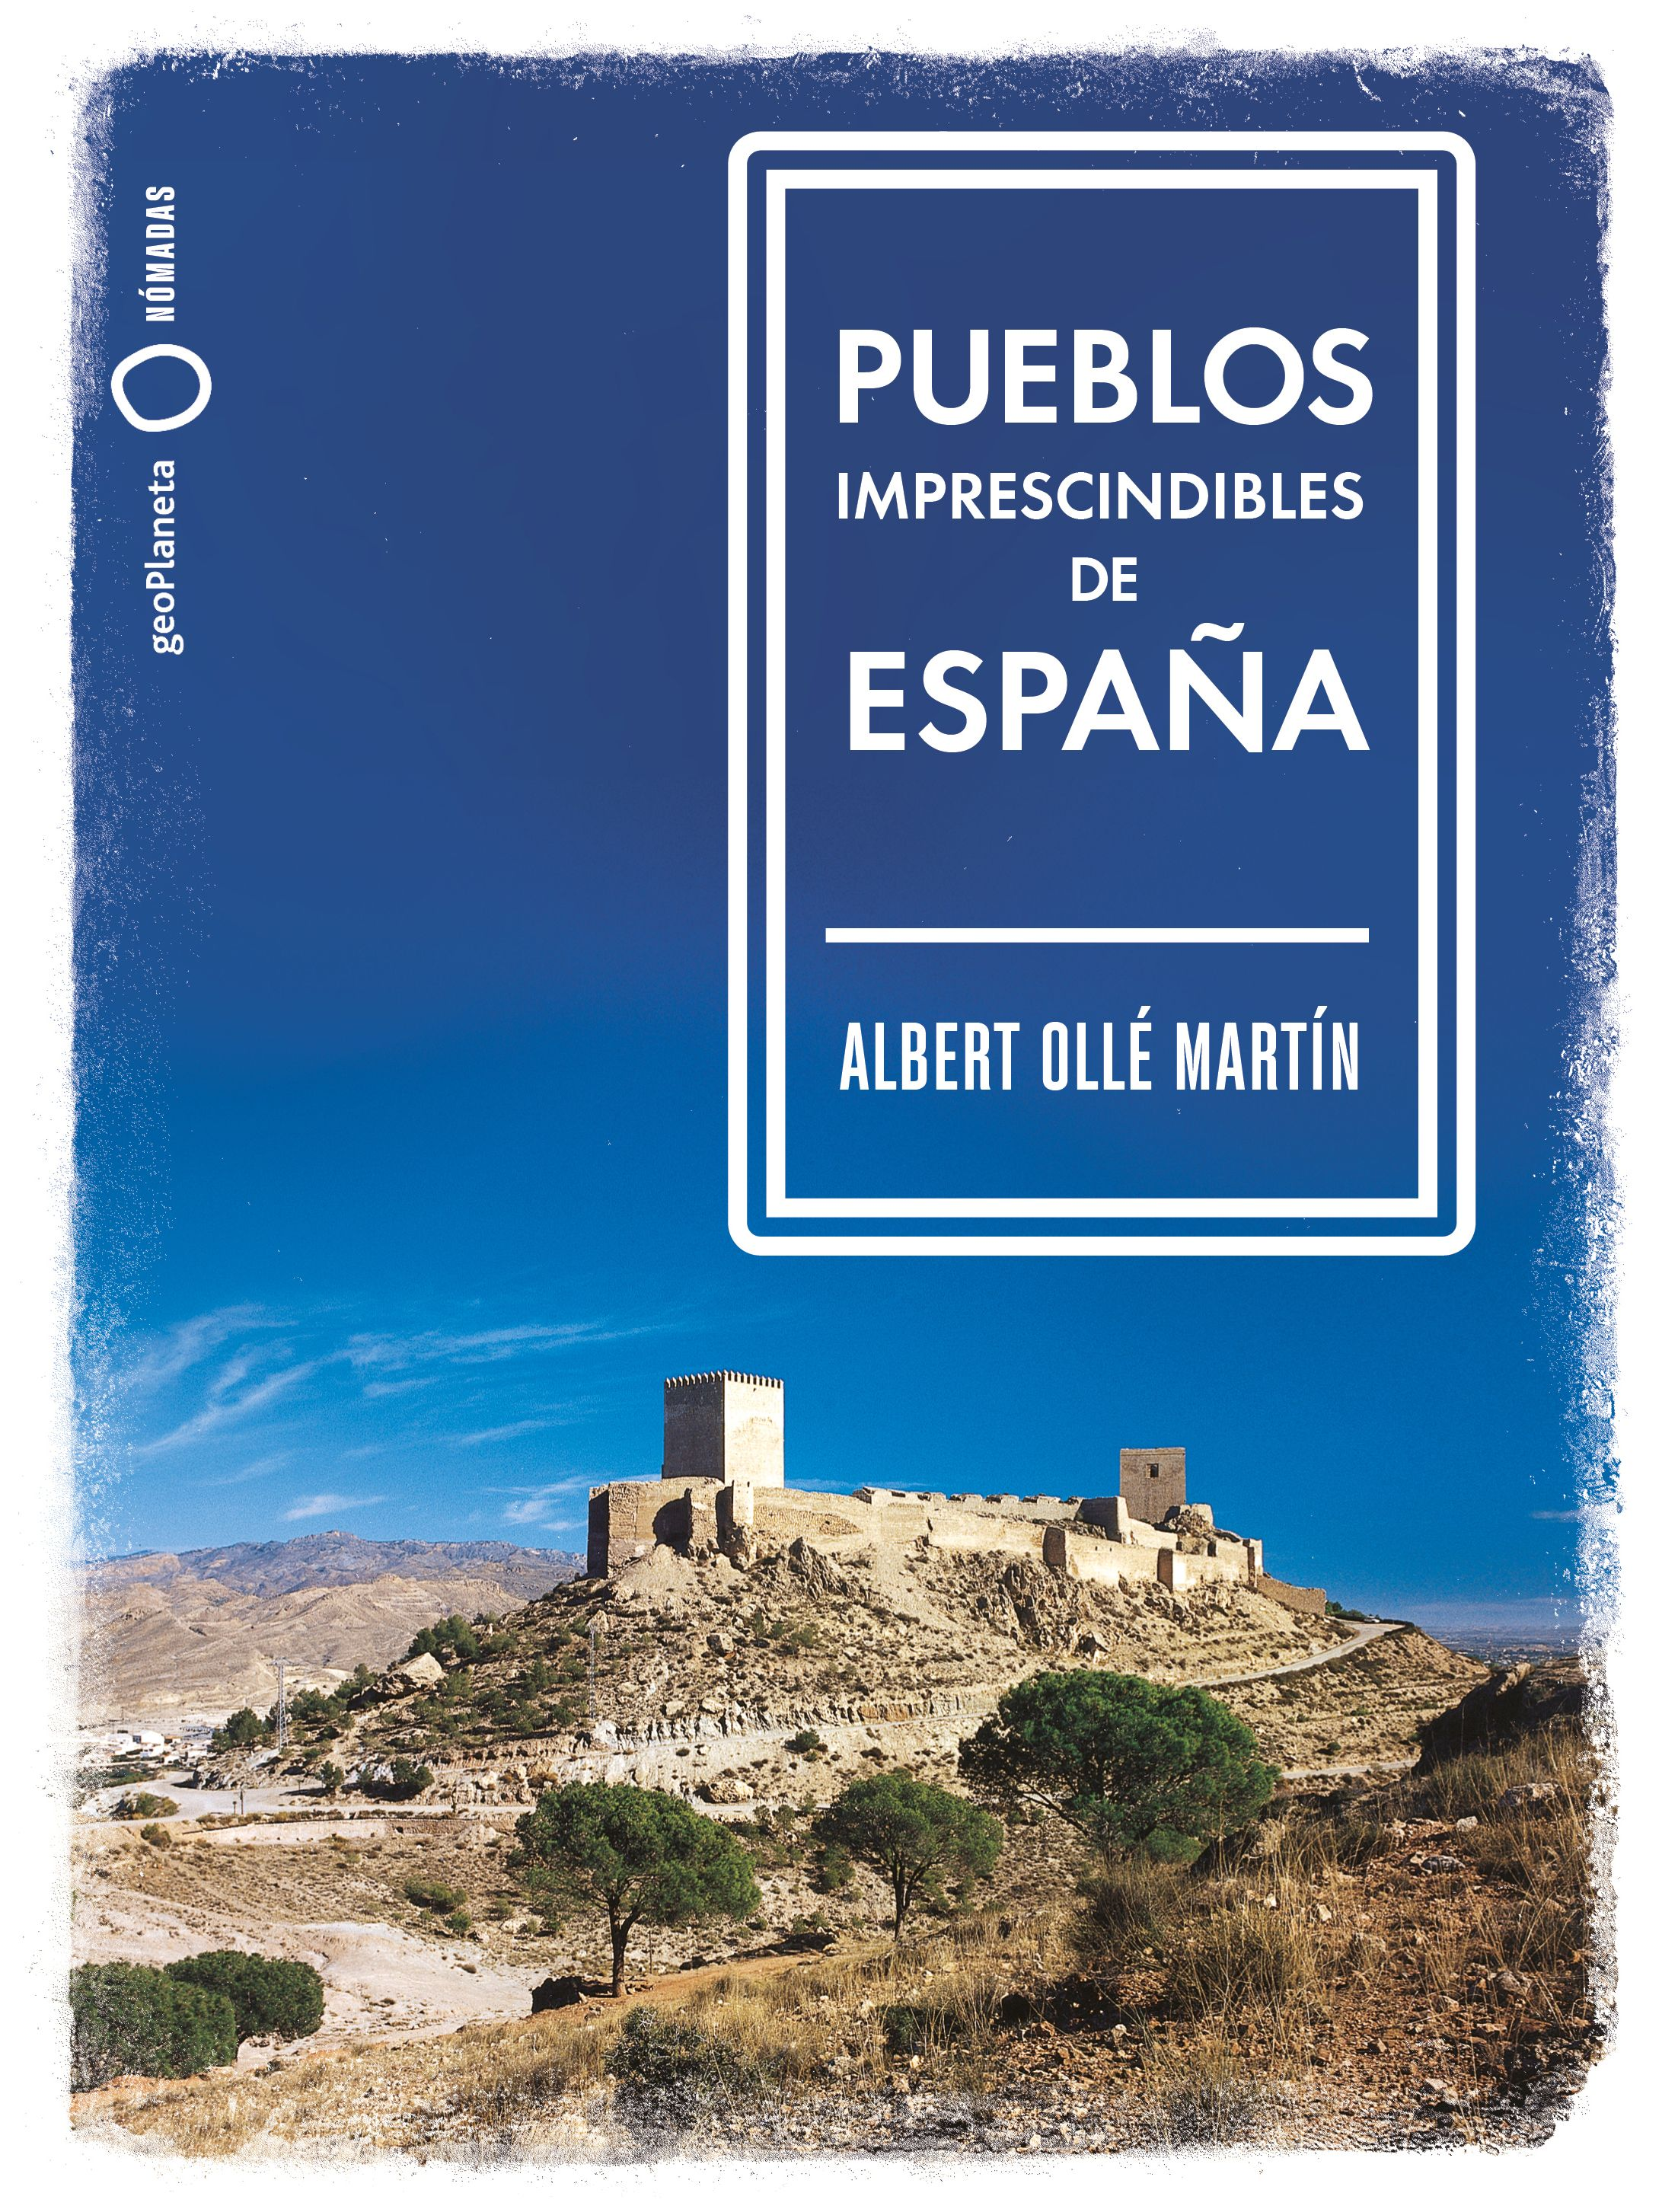 Pueblos imprescindibles de España